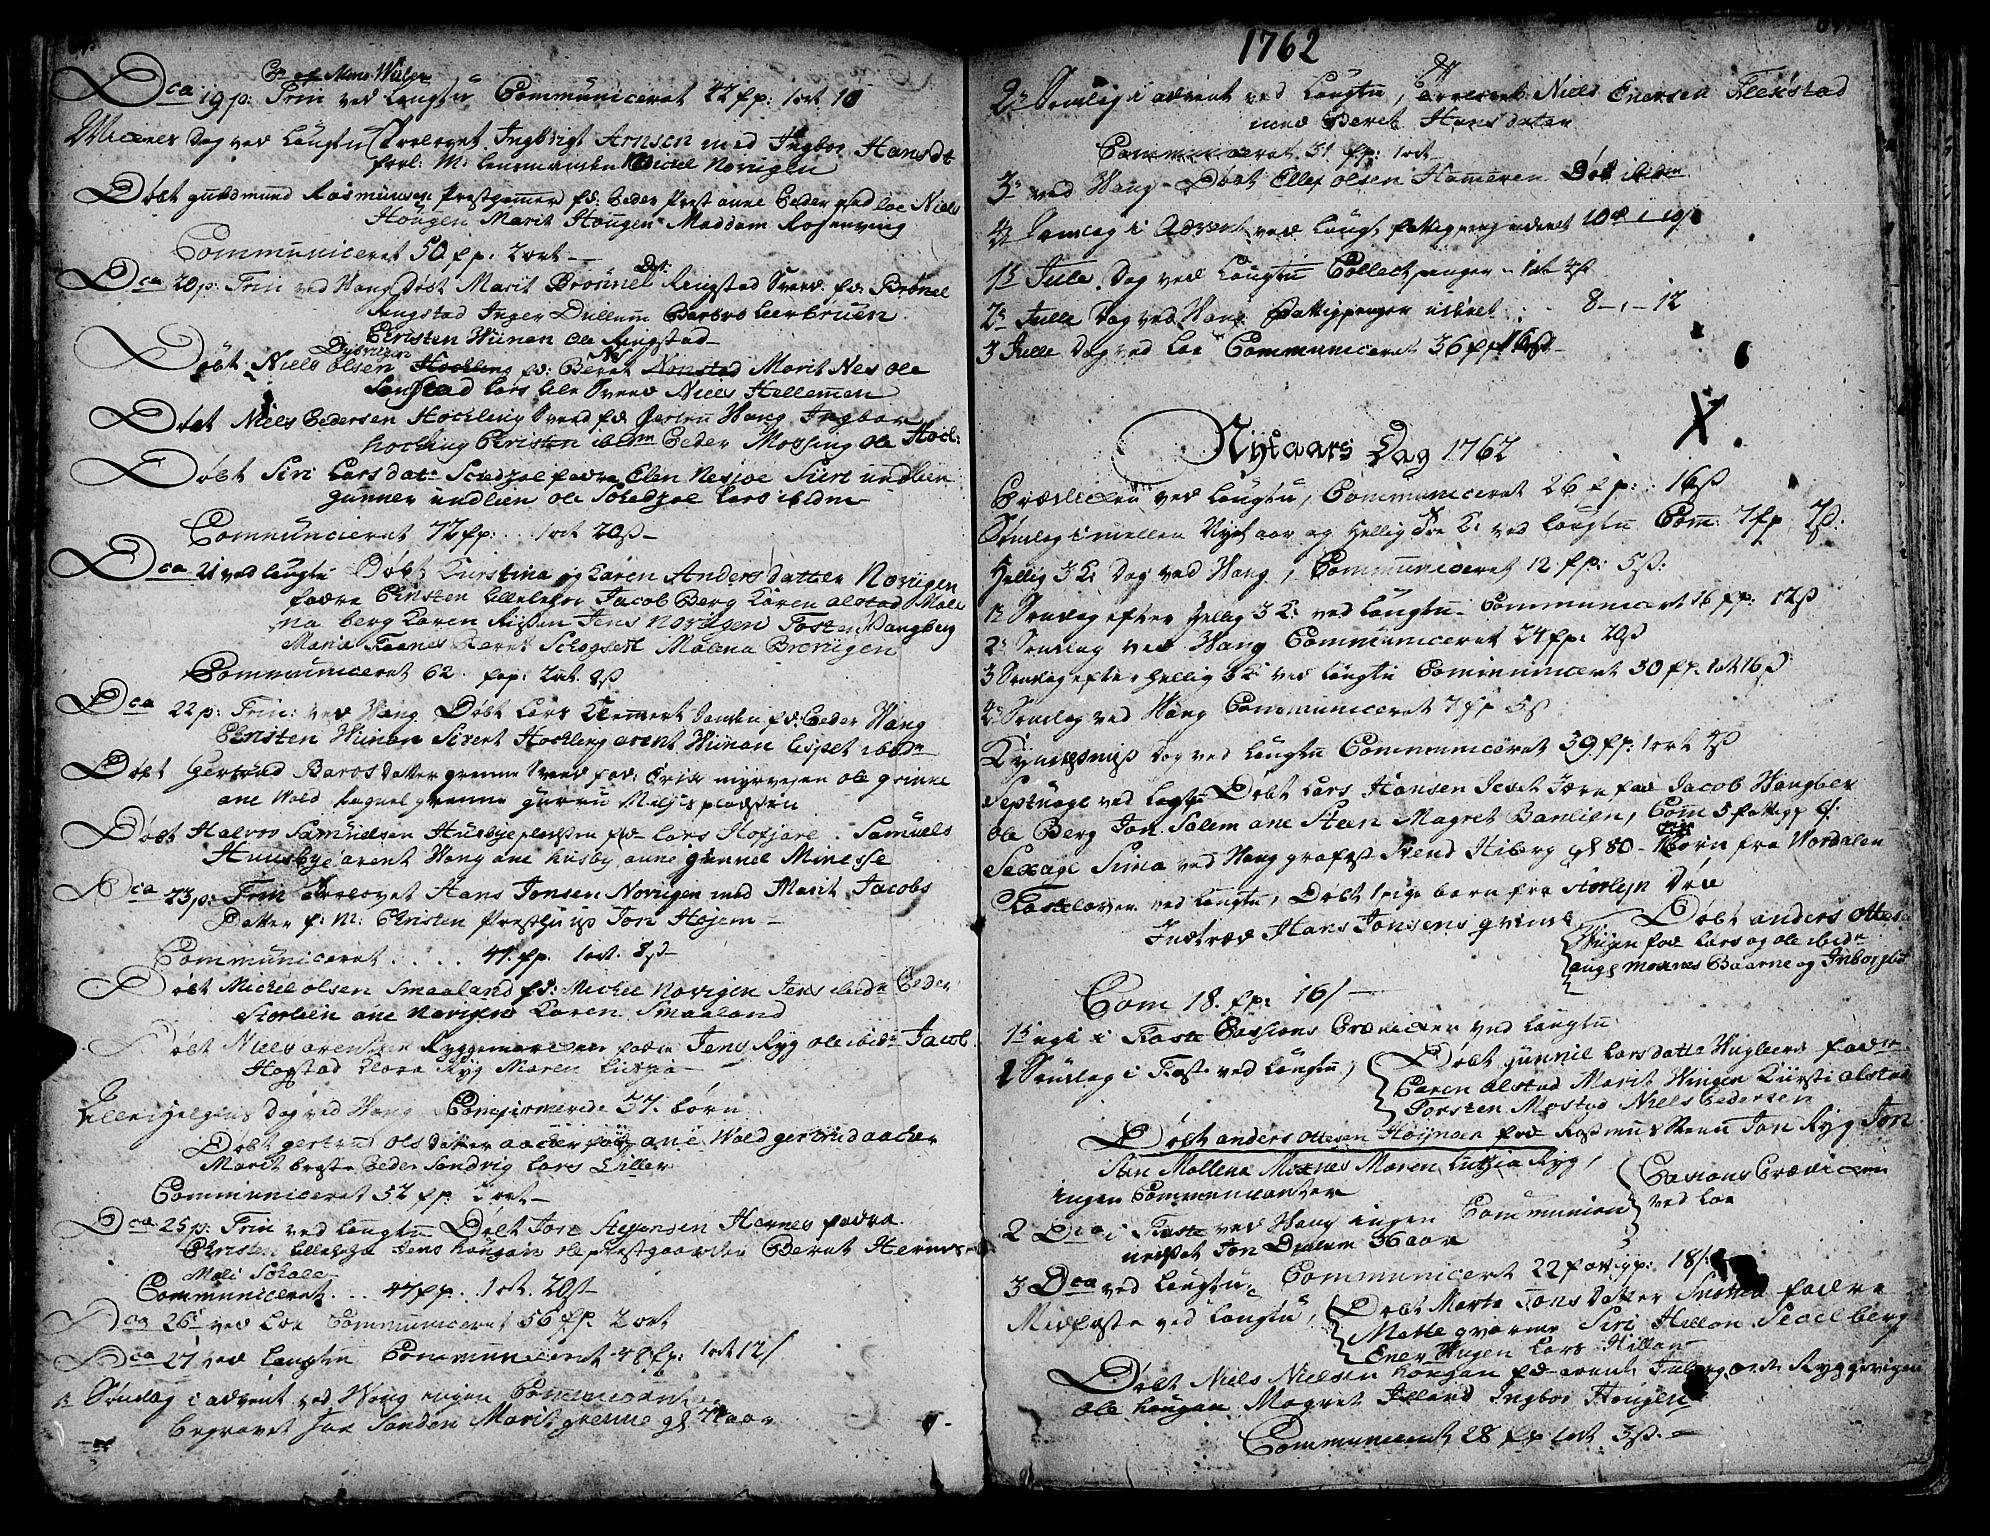 SAT, Ministerialprotokoller, klokkerbøker og fødselsregistre - Nord-Trøndelag, 713/L0109: Ministerialbok nr. 713A01, 1750-1778, s. 64-65